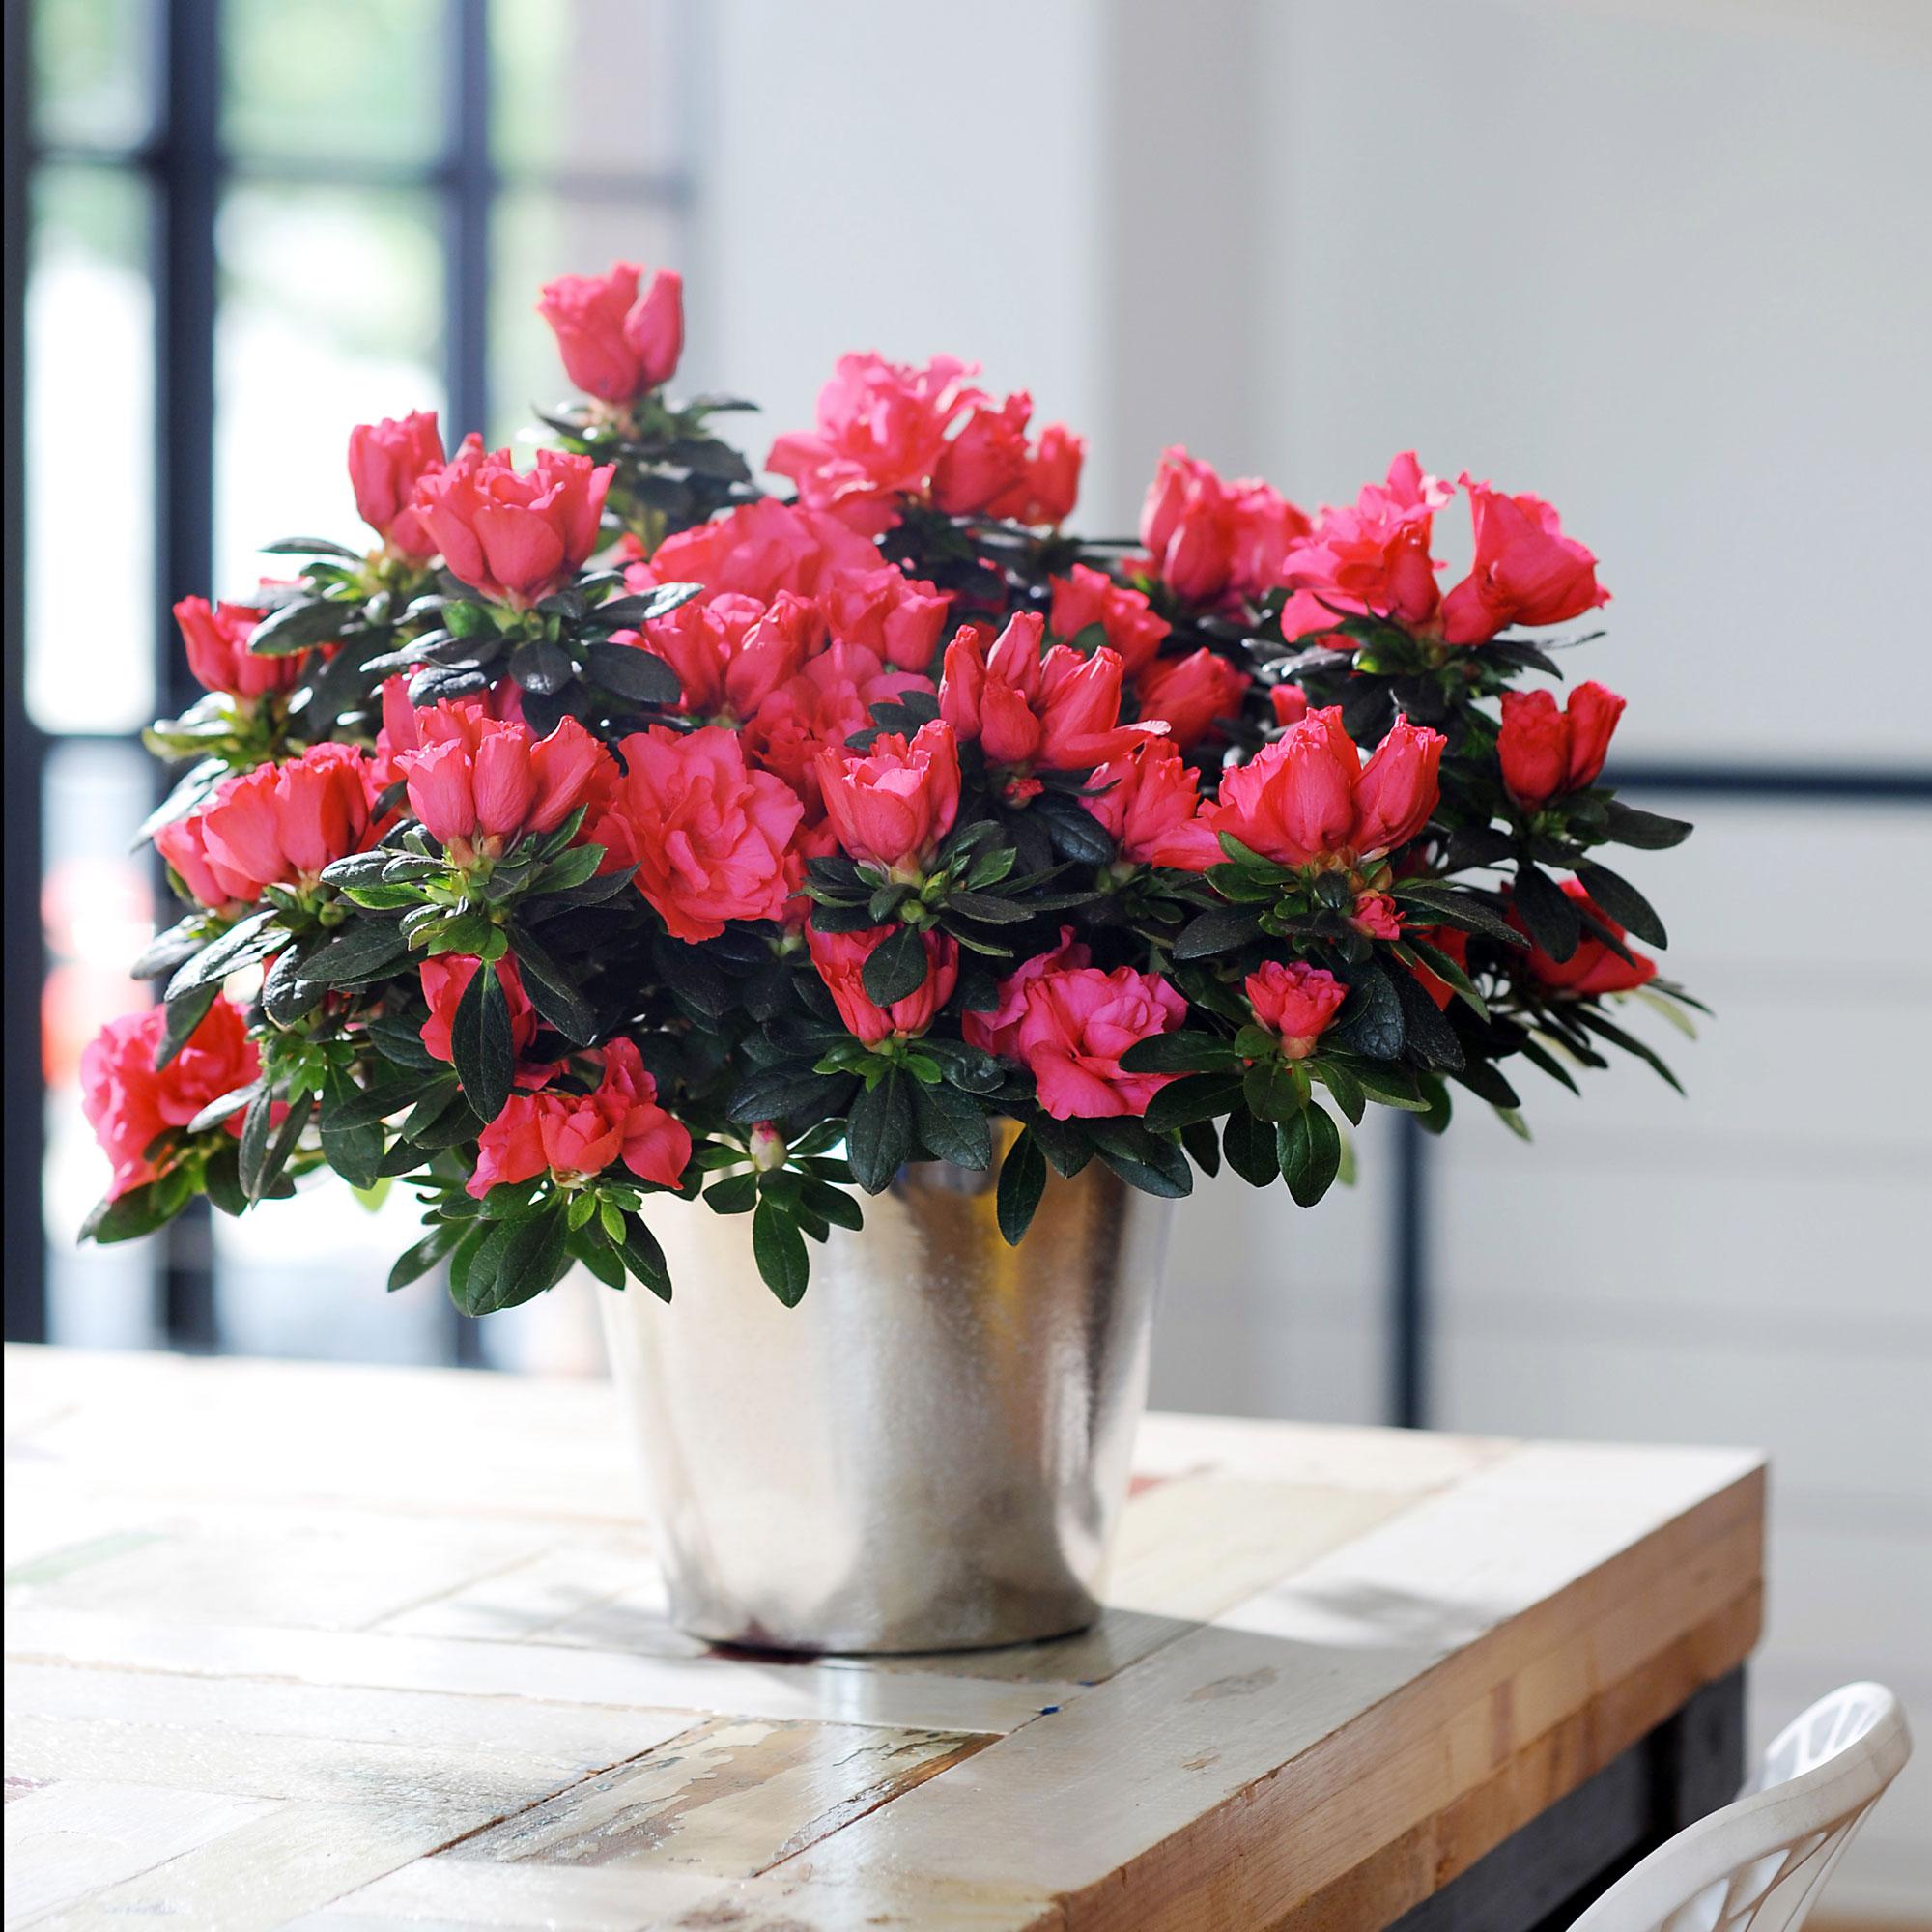 Plantes Fleuries En Pot Exterieur comment garder une azalée d'intérieur ? | gamm vert